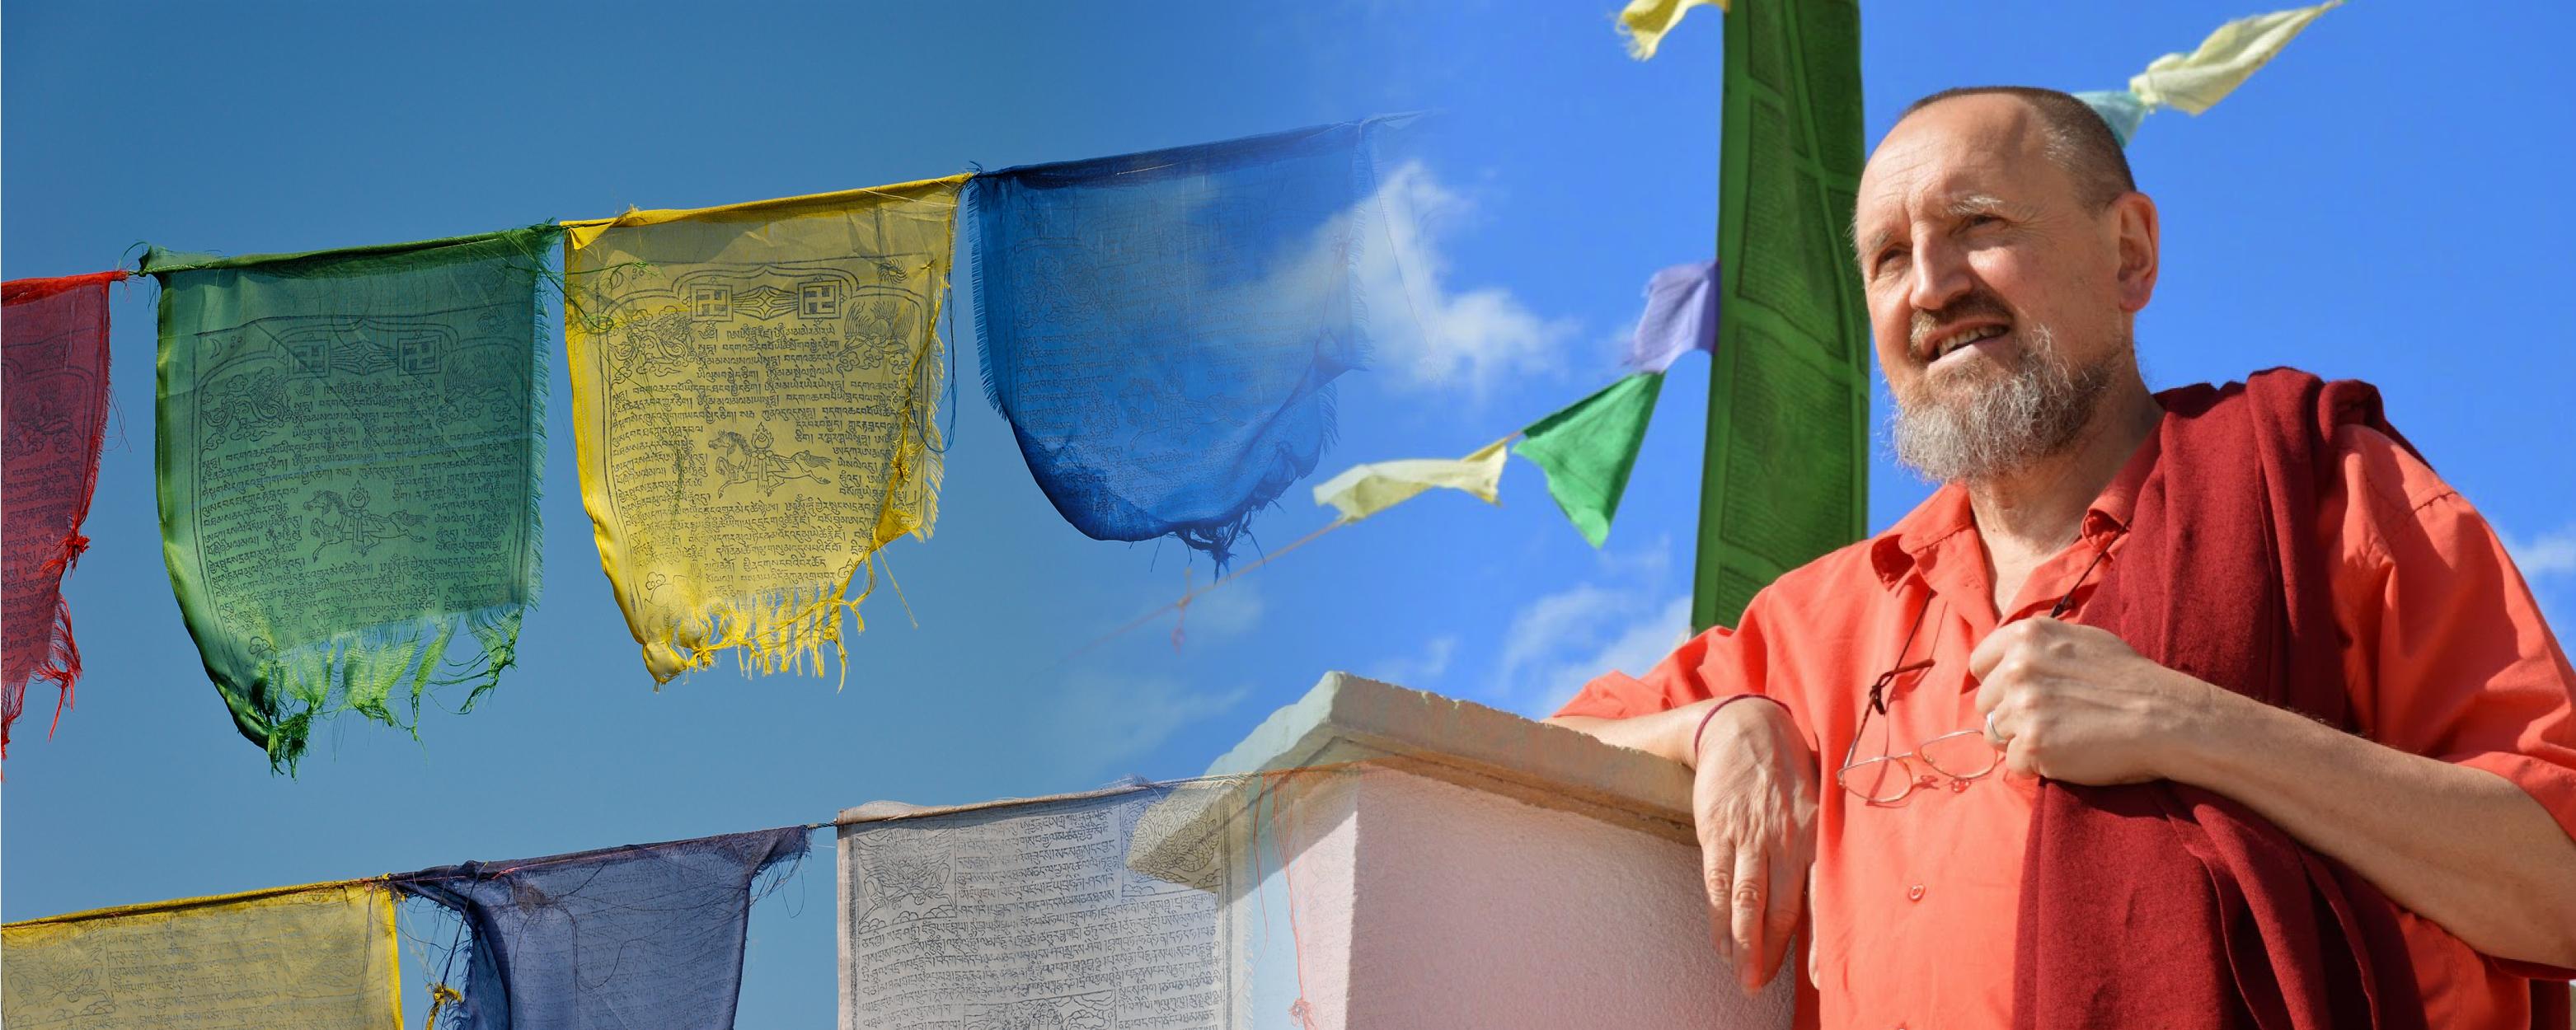 Egynapos meditáció elvonulás @ Karmapa Ház - Budapest | Budapest | Magyarország